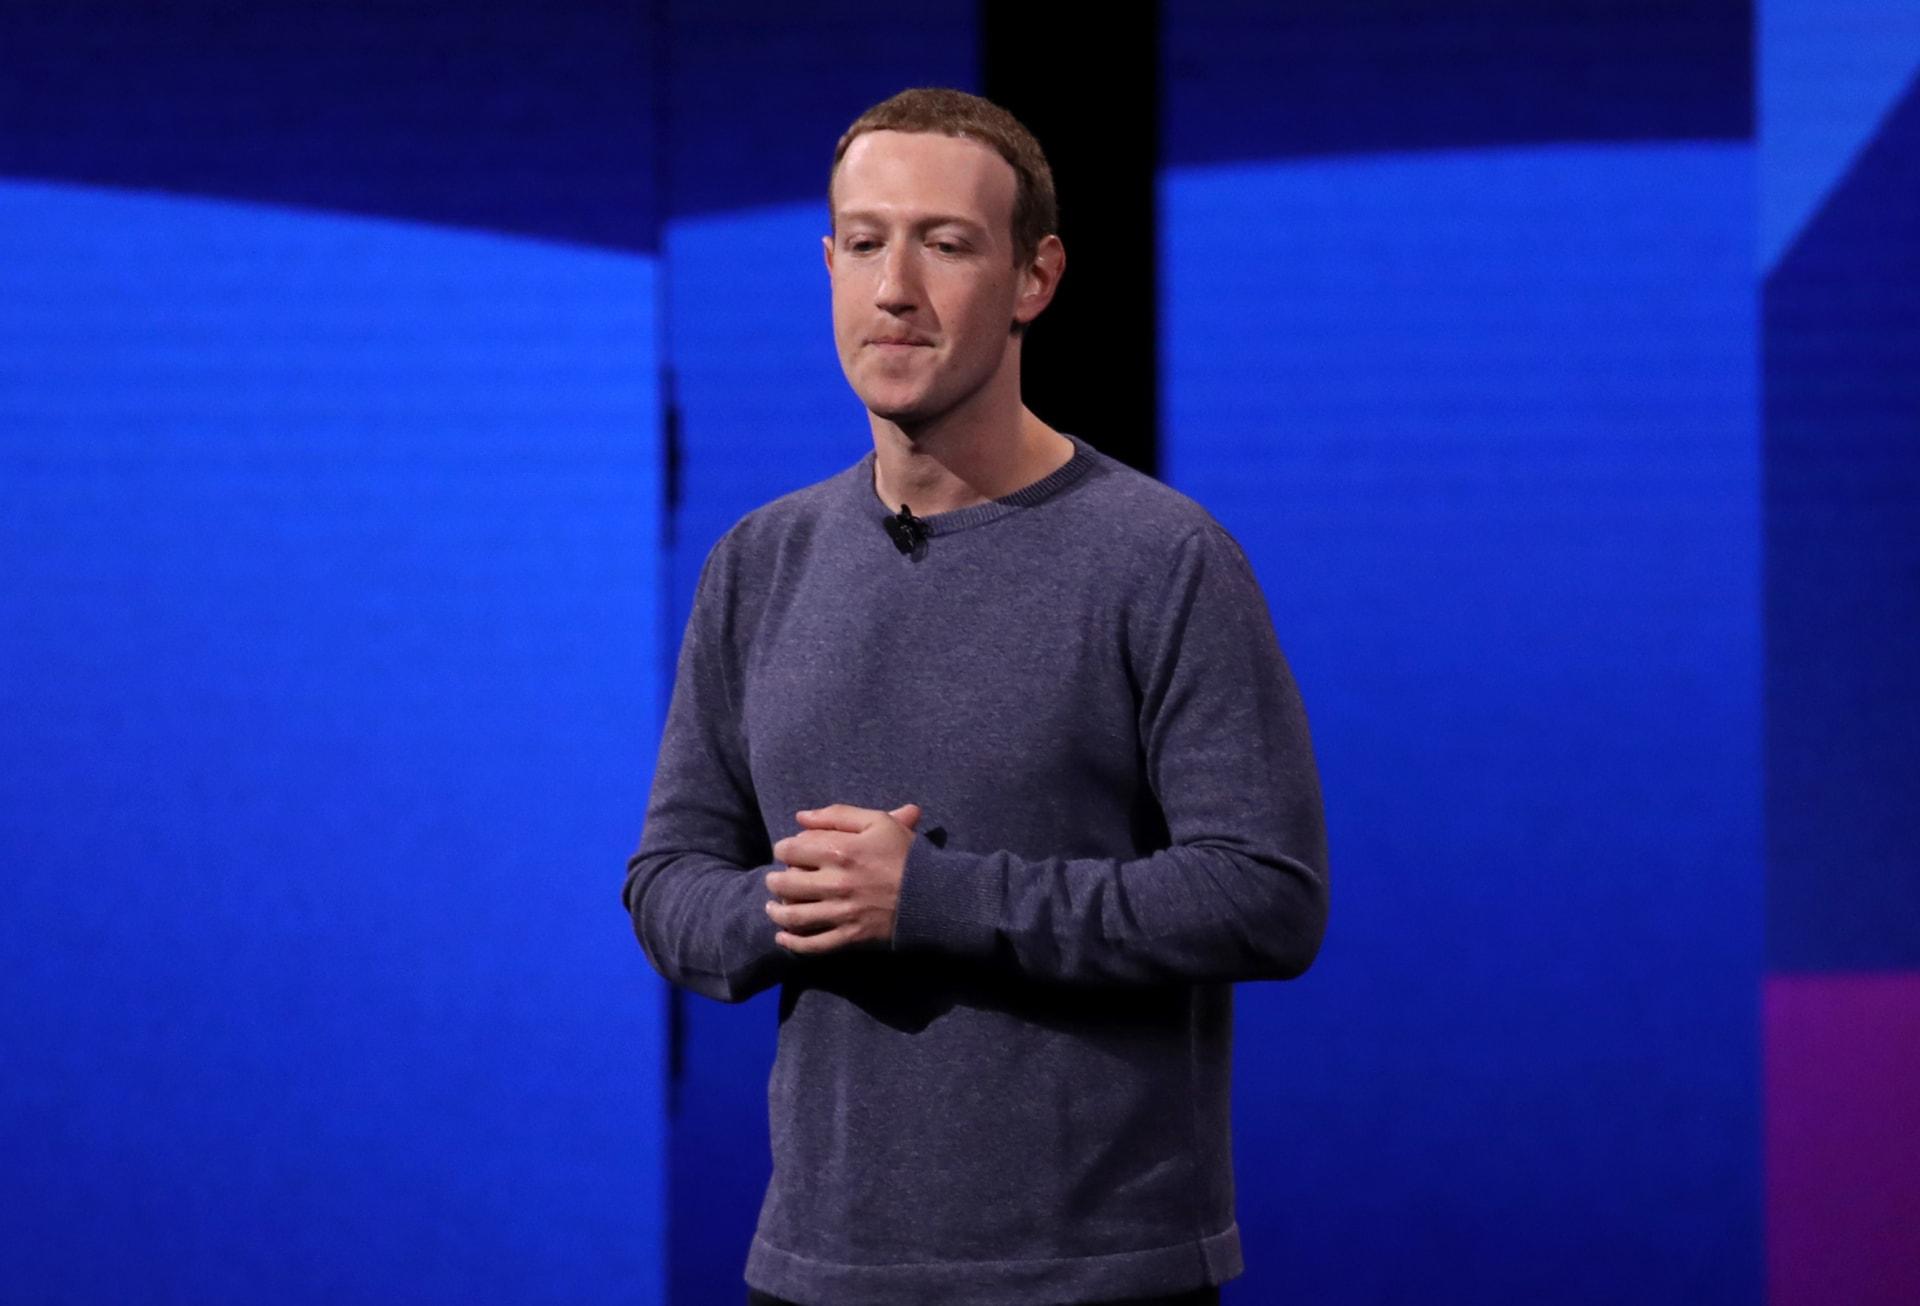 تسريب صوتي يكشف موقف زوكربيرغ من مرشحة للرئاسة الأمريكية تسعى لتفكيك فيسبوك